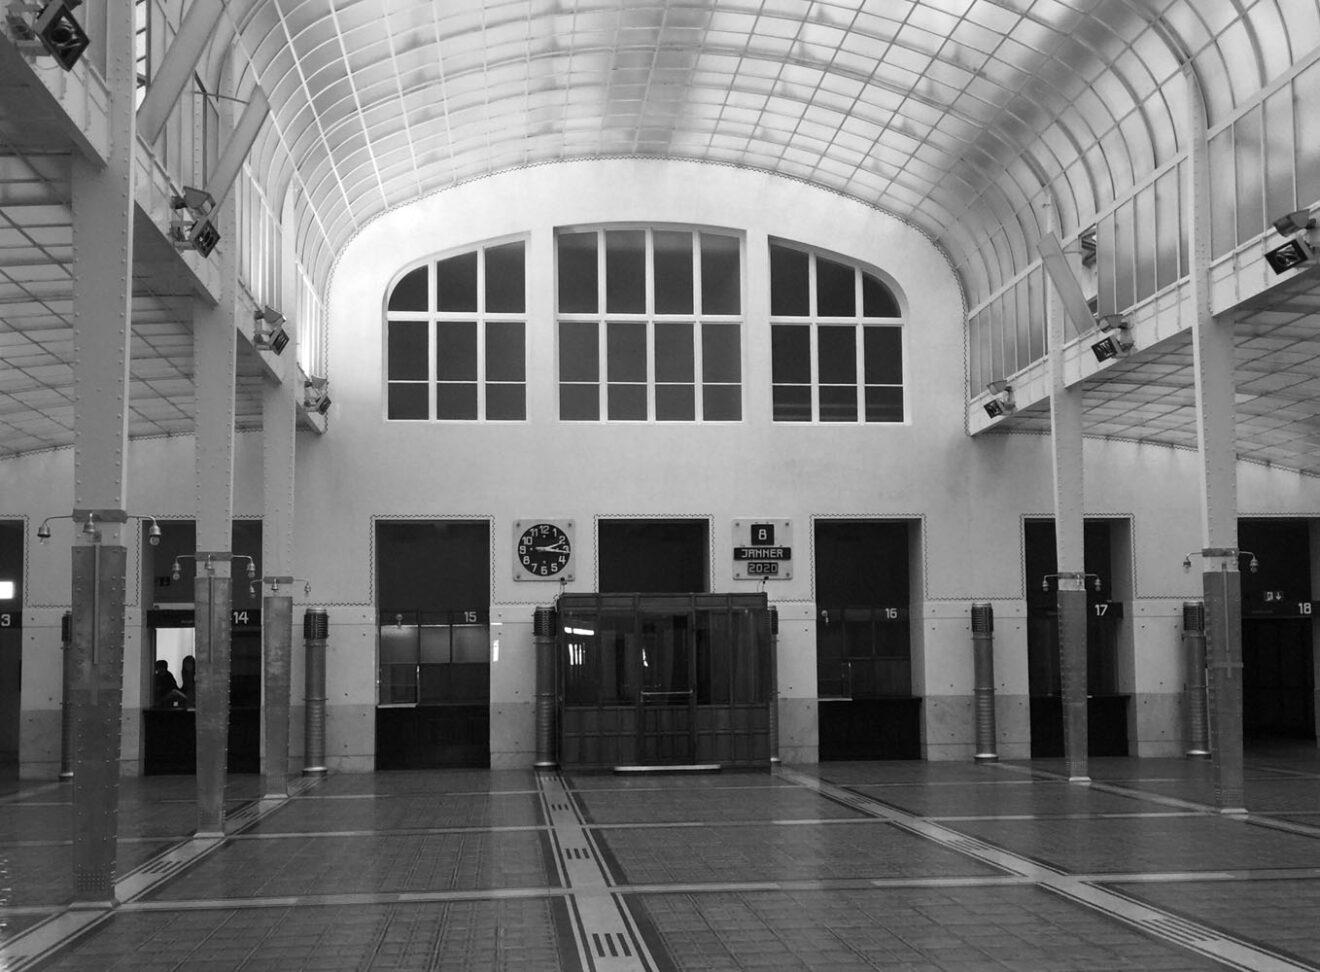 Kassensaal, Postsparkasse, Wenen 1902-1906 / Otto Wagner / foto Eireen Schreurs